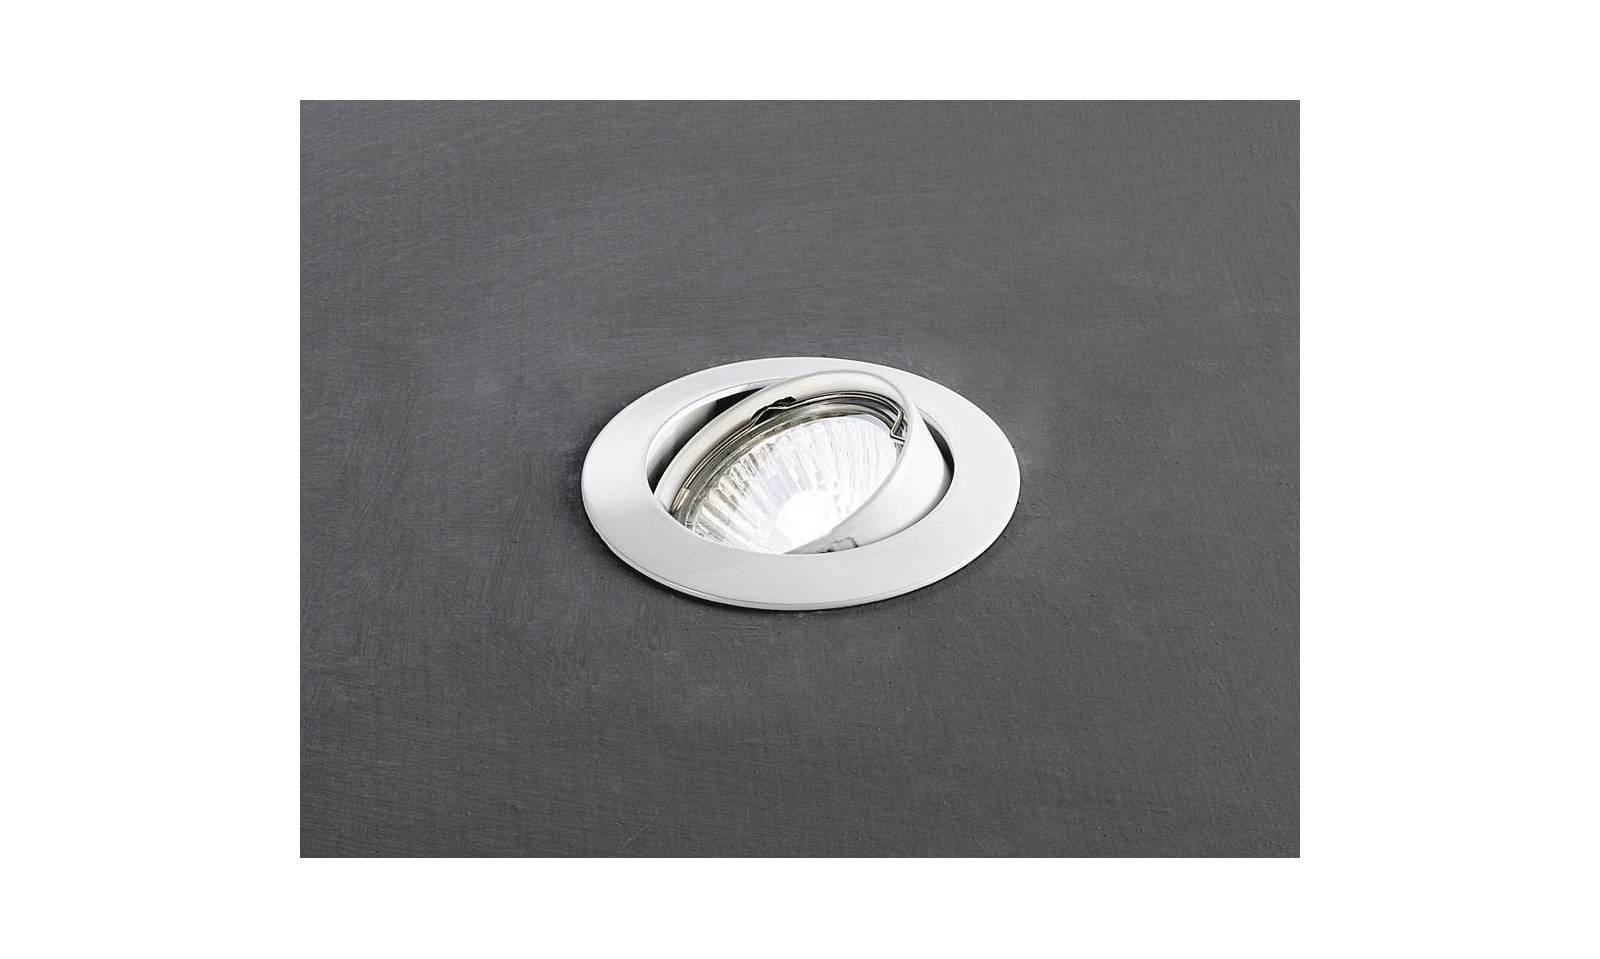 Faretti Esterni Soffitto.Perenz Faretto Da Incasso Moderno In Alluminio Serie 5964 O